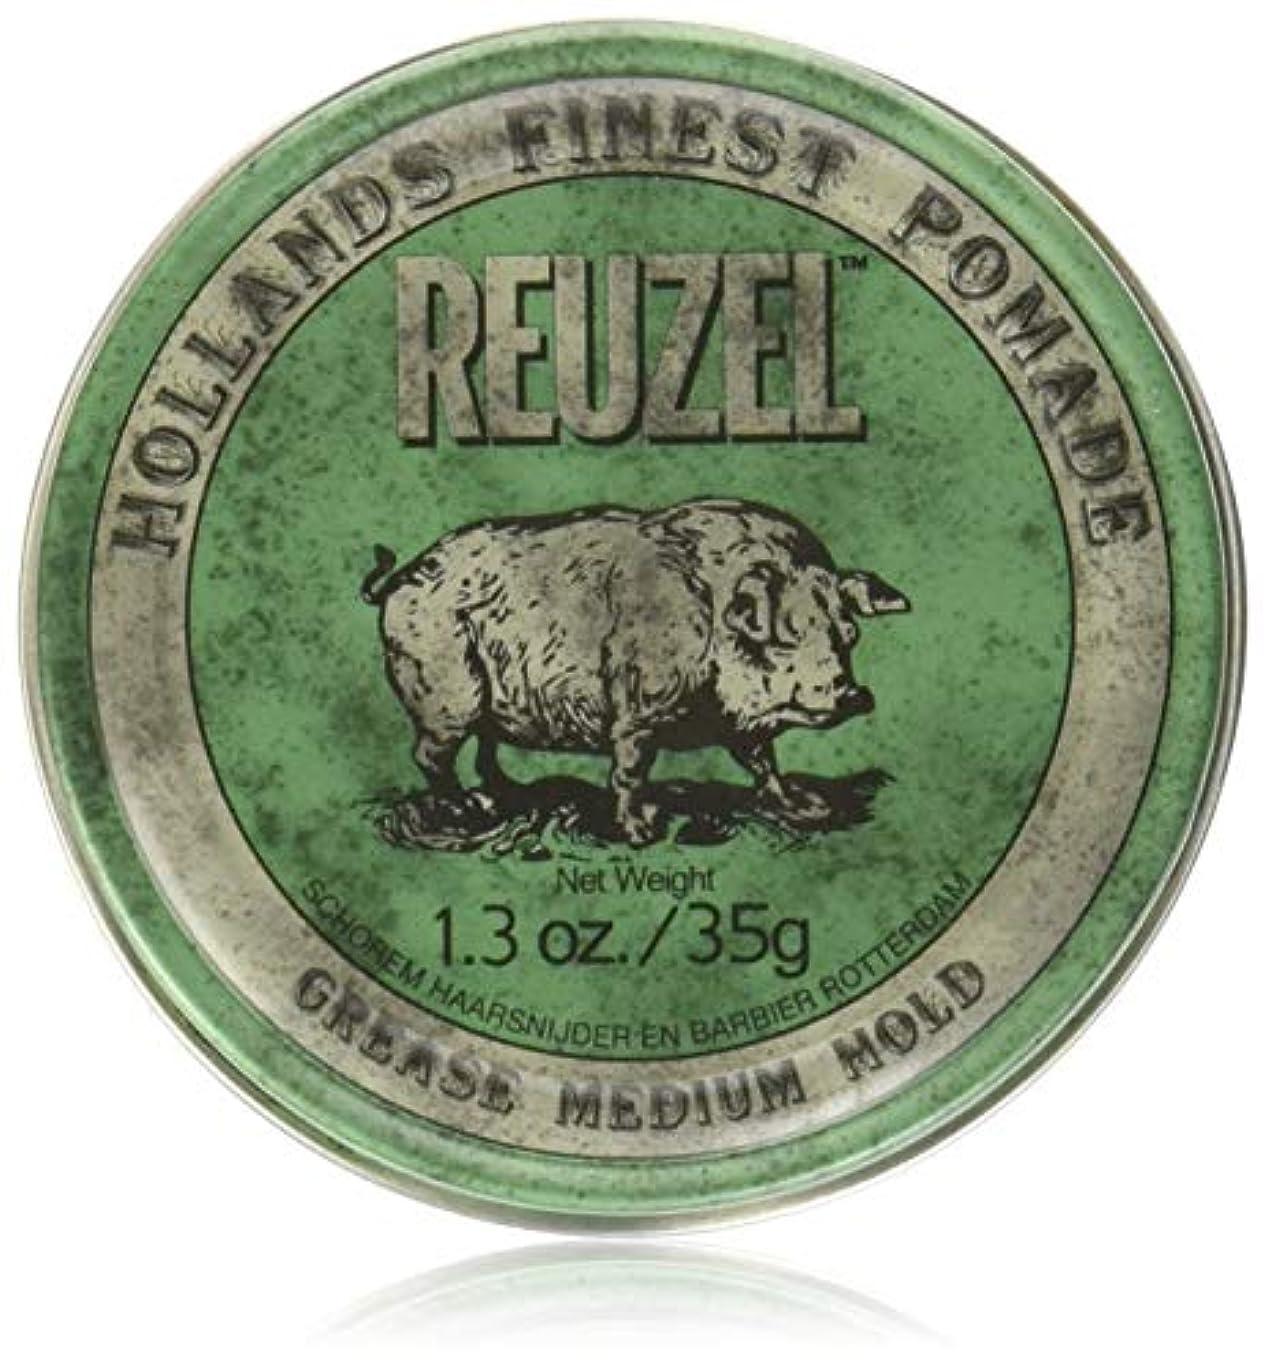 外観寄付もっともらしいREUZEL Grease Hold Hair Styling Pomade Piglet Wax/Gel, Medium, Green, 1.3 oz, 35g by REUZEL